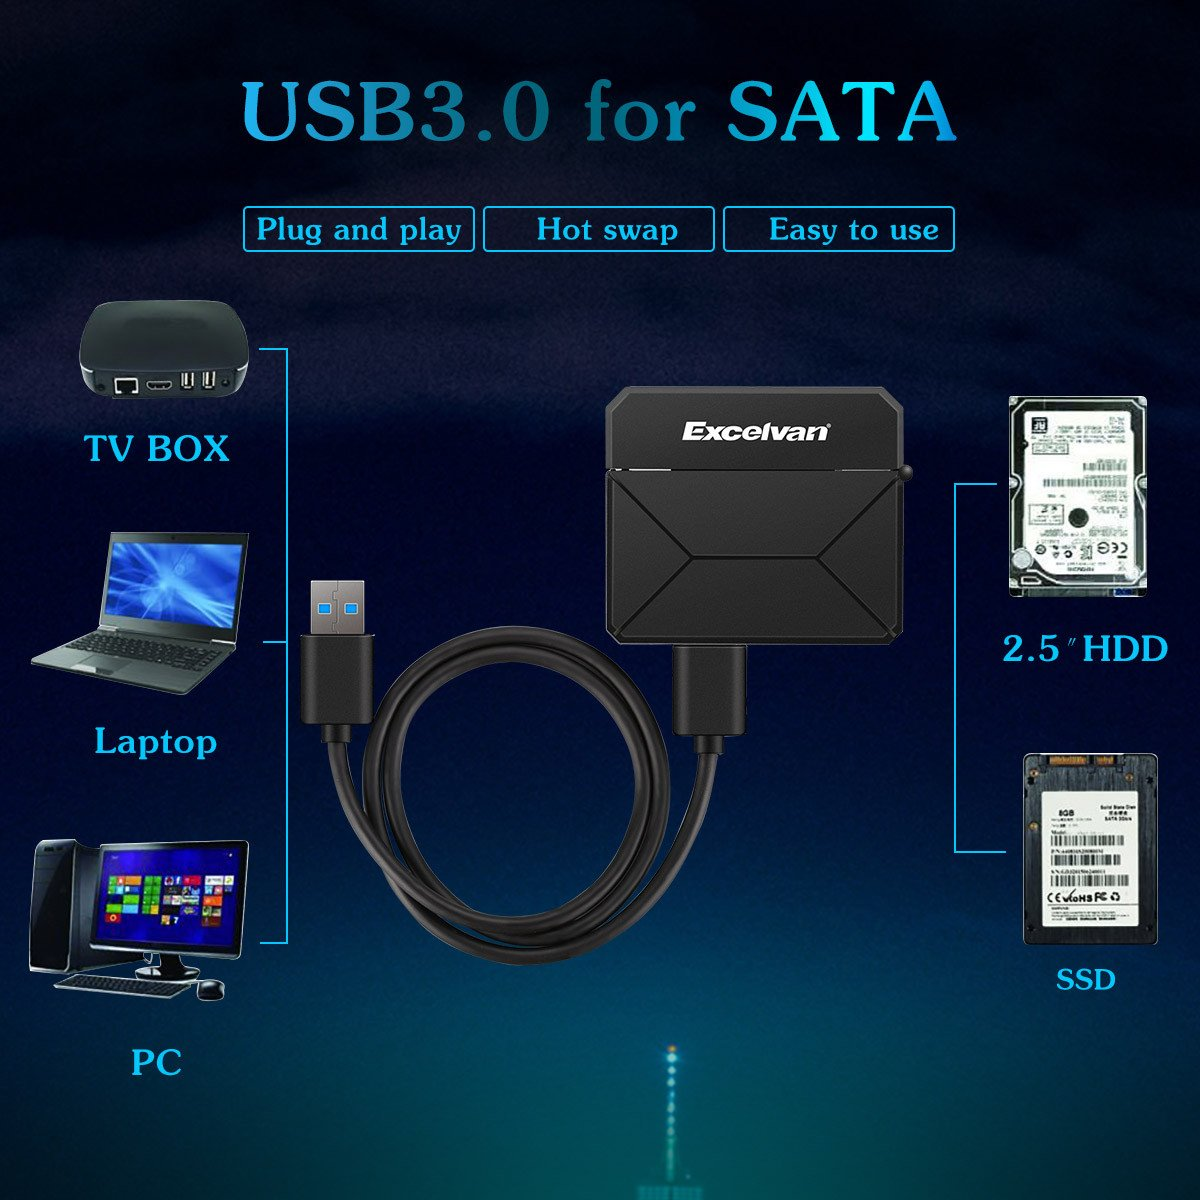 Excelvan USB3.0 2.5